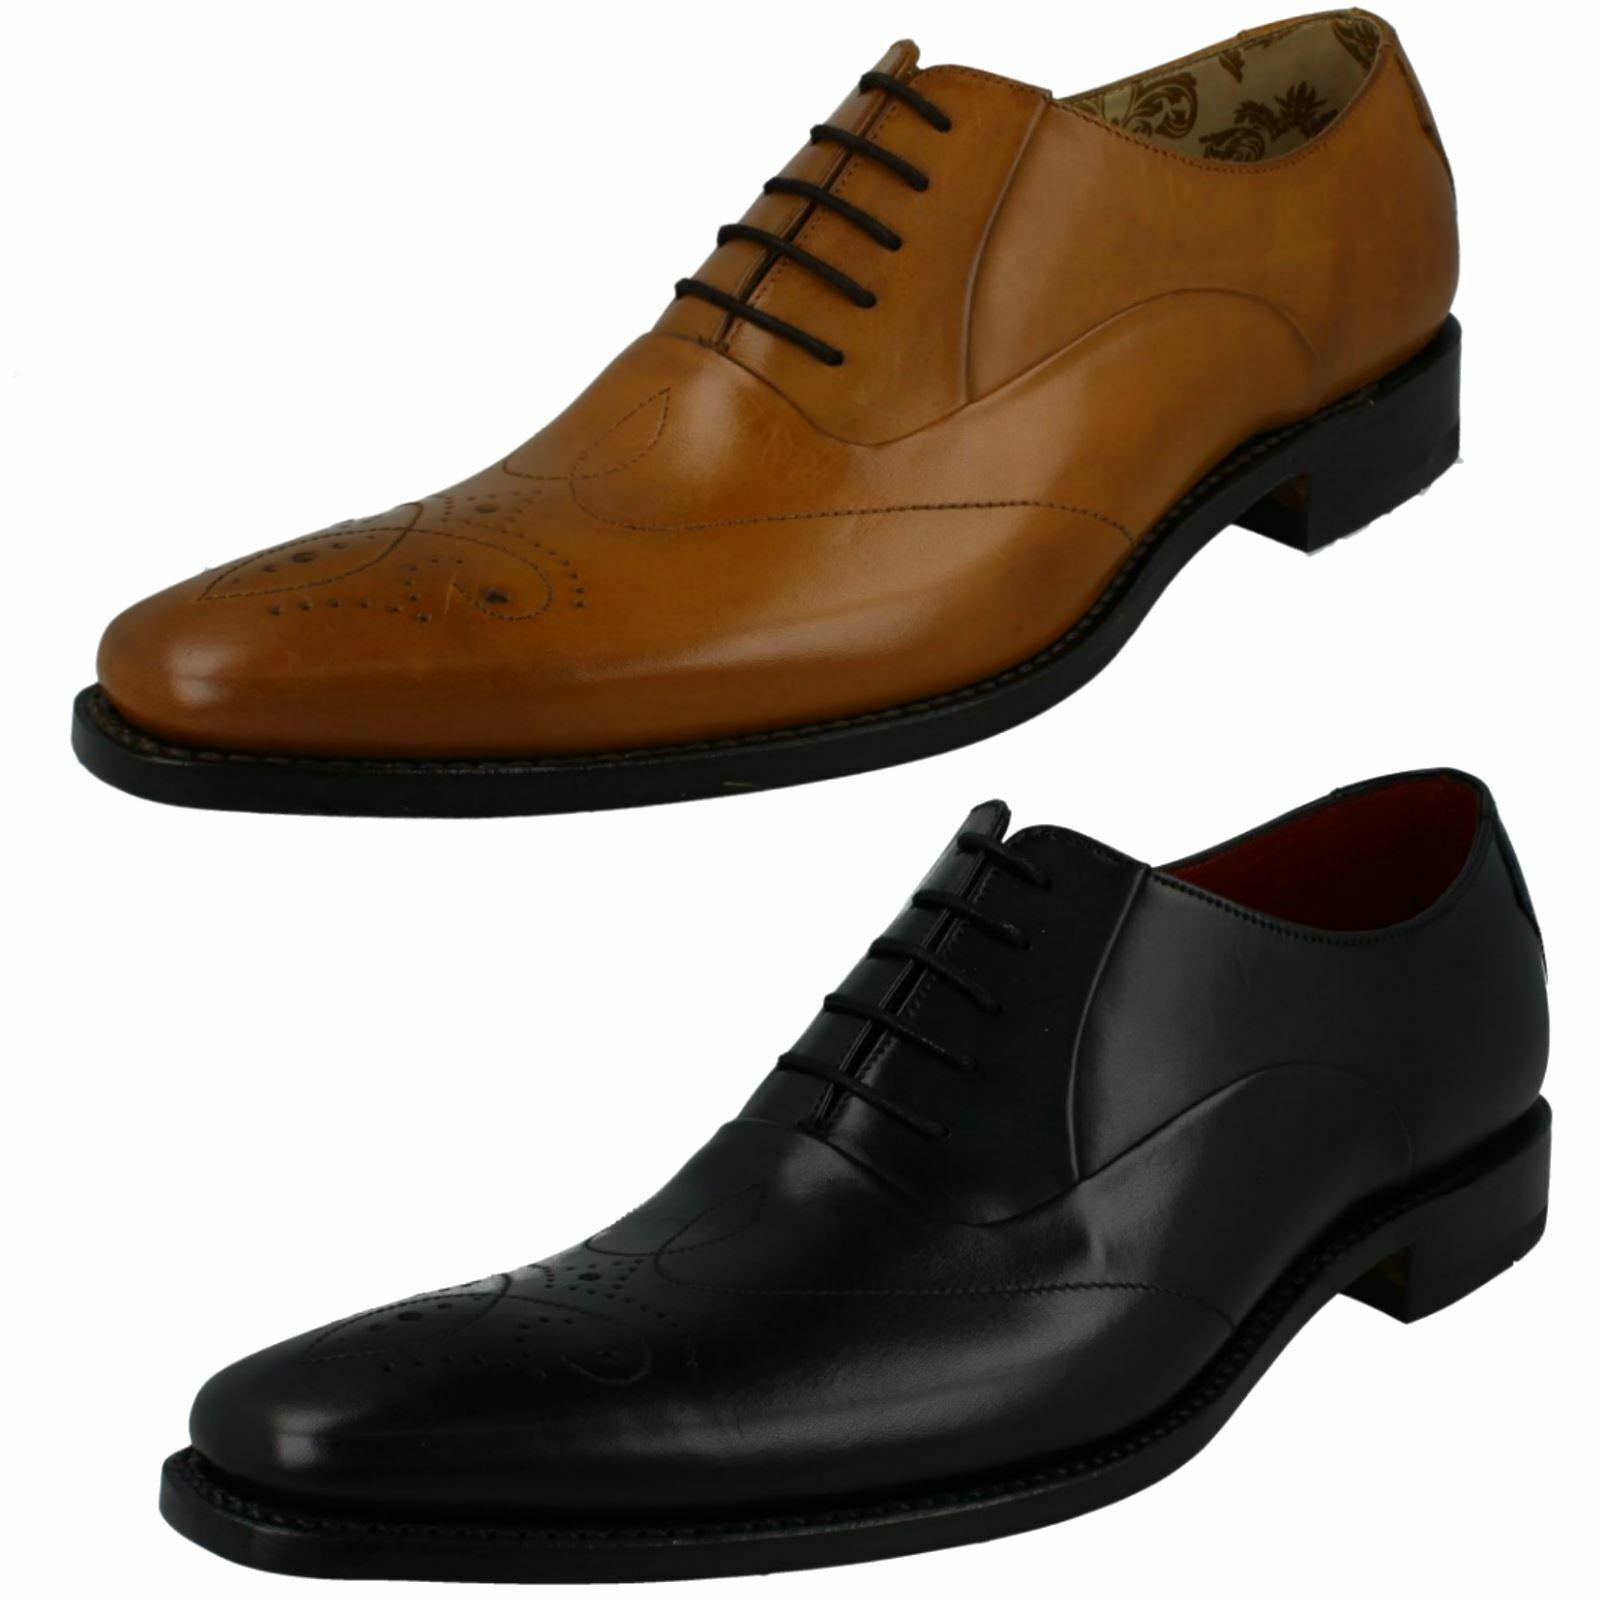 Homme Loake Smart Étroit Fit Lacets Chaussures en cuir Gunny